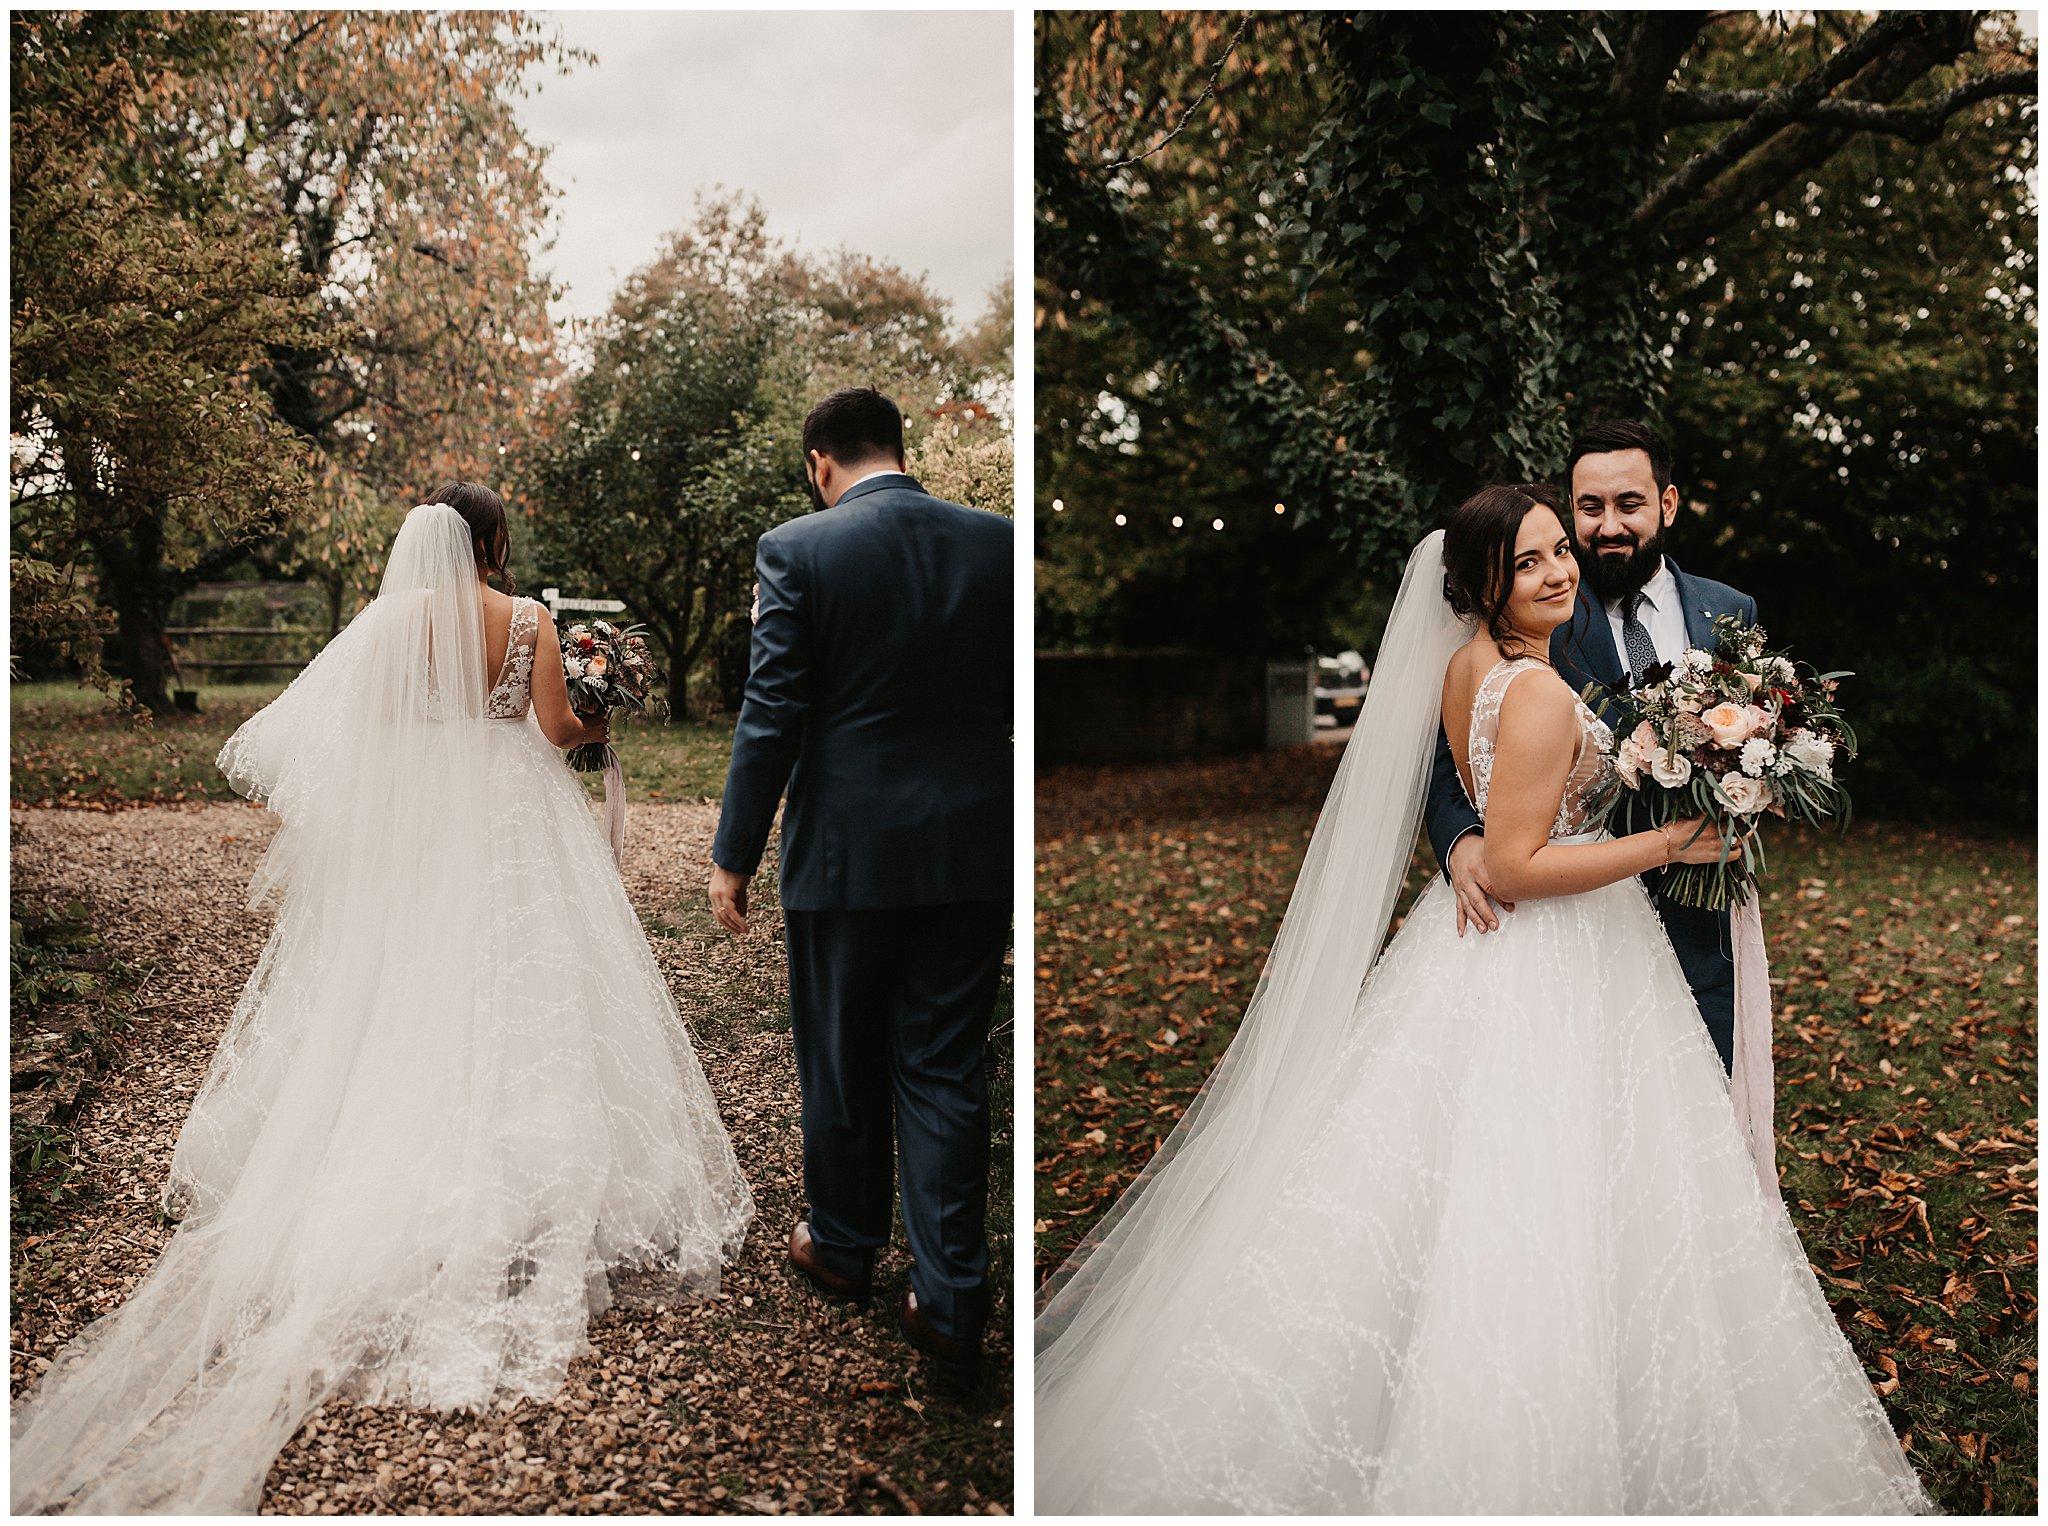 Max & Ksenia Autumnal Wiltshire Wedding-391.jpg